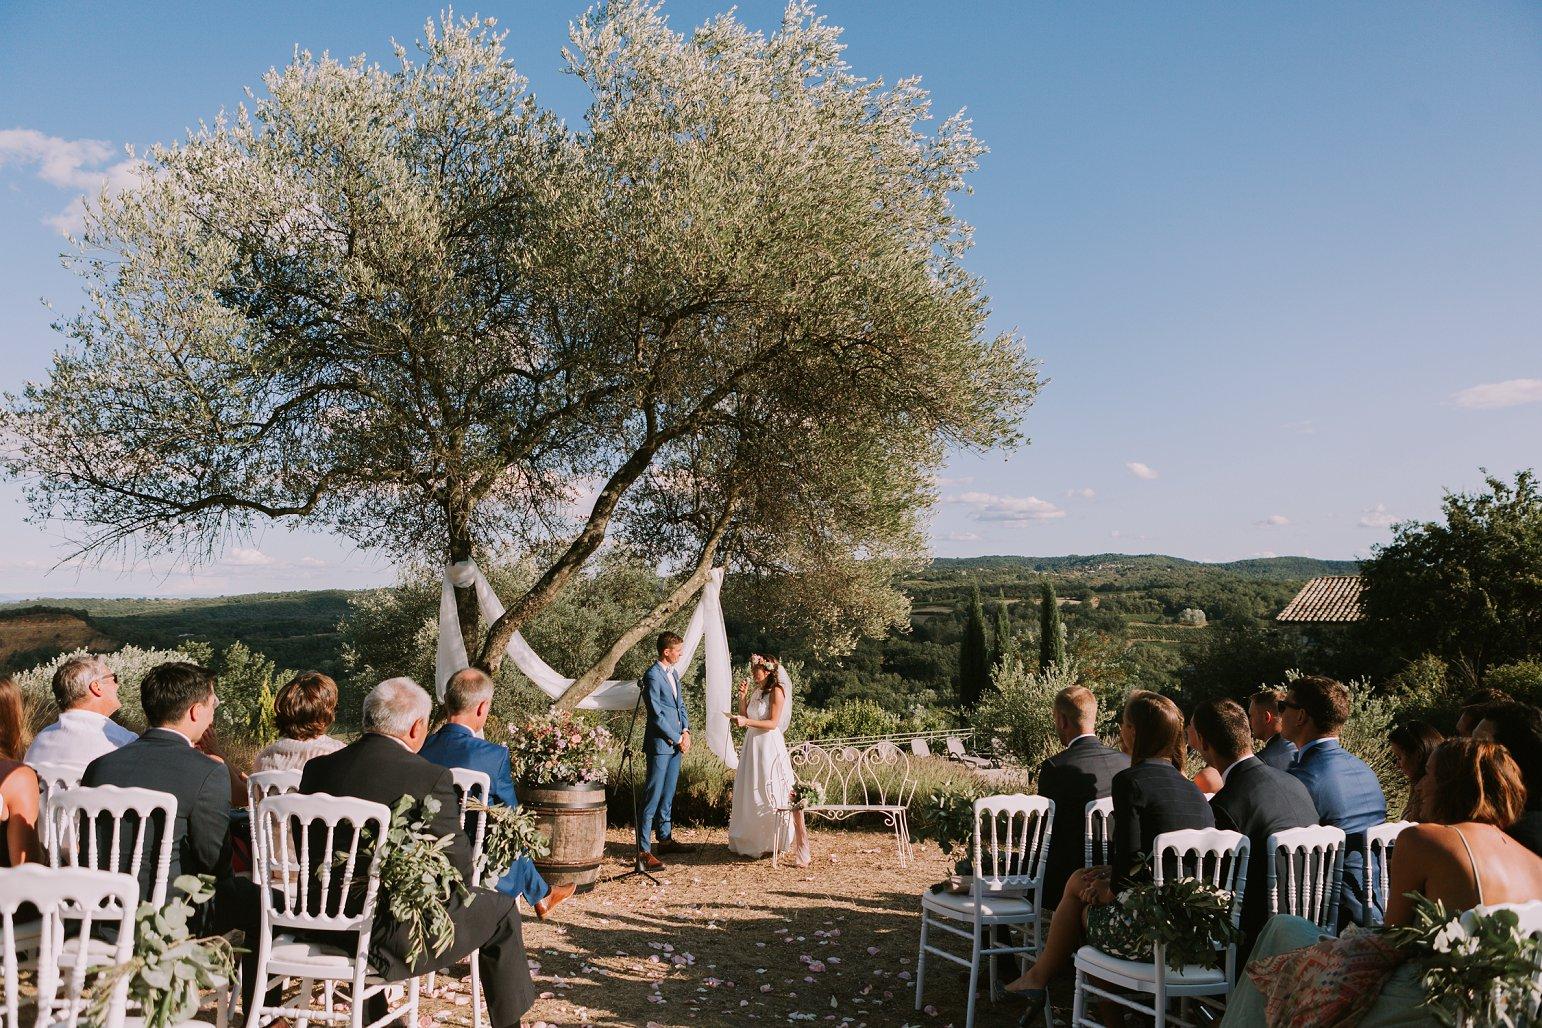 kateryna-photos-mariage-wedding-france-ardeche-domaine-clos-hullias-Saint-Christol-de-Rodière-gard-cevennes_0199.jpg